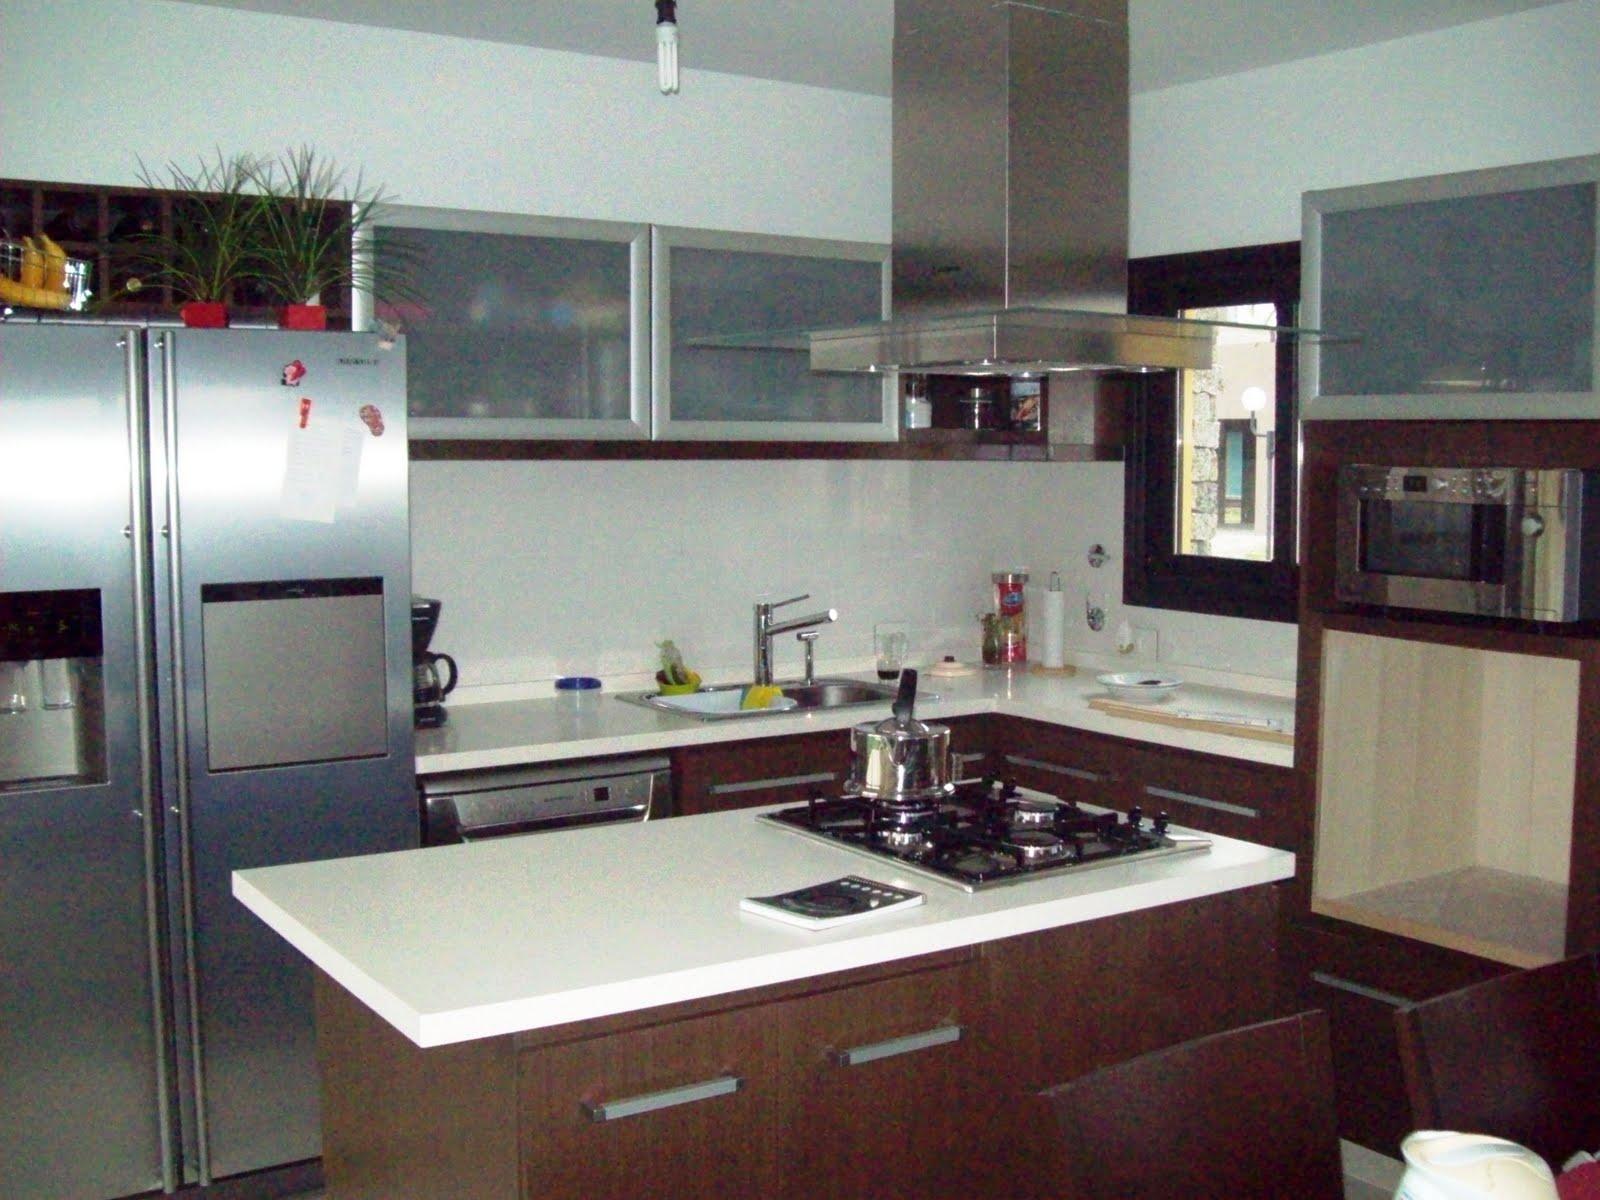 Ag amoblamientos cocinas y vestidores isla central for Planos de cocina en isla